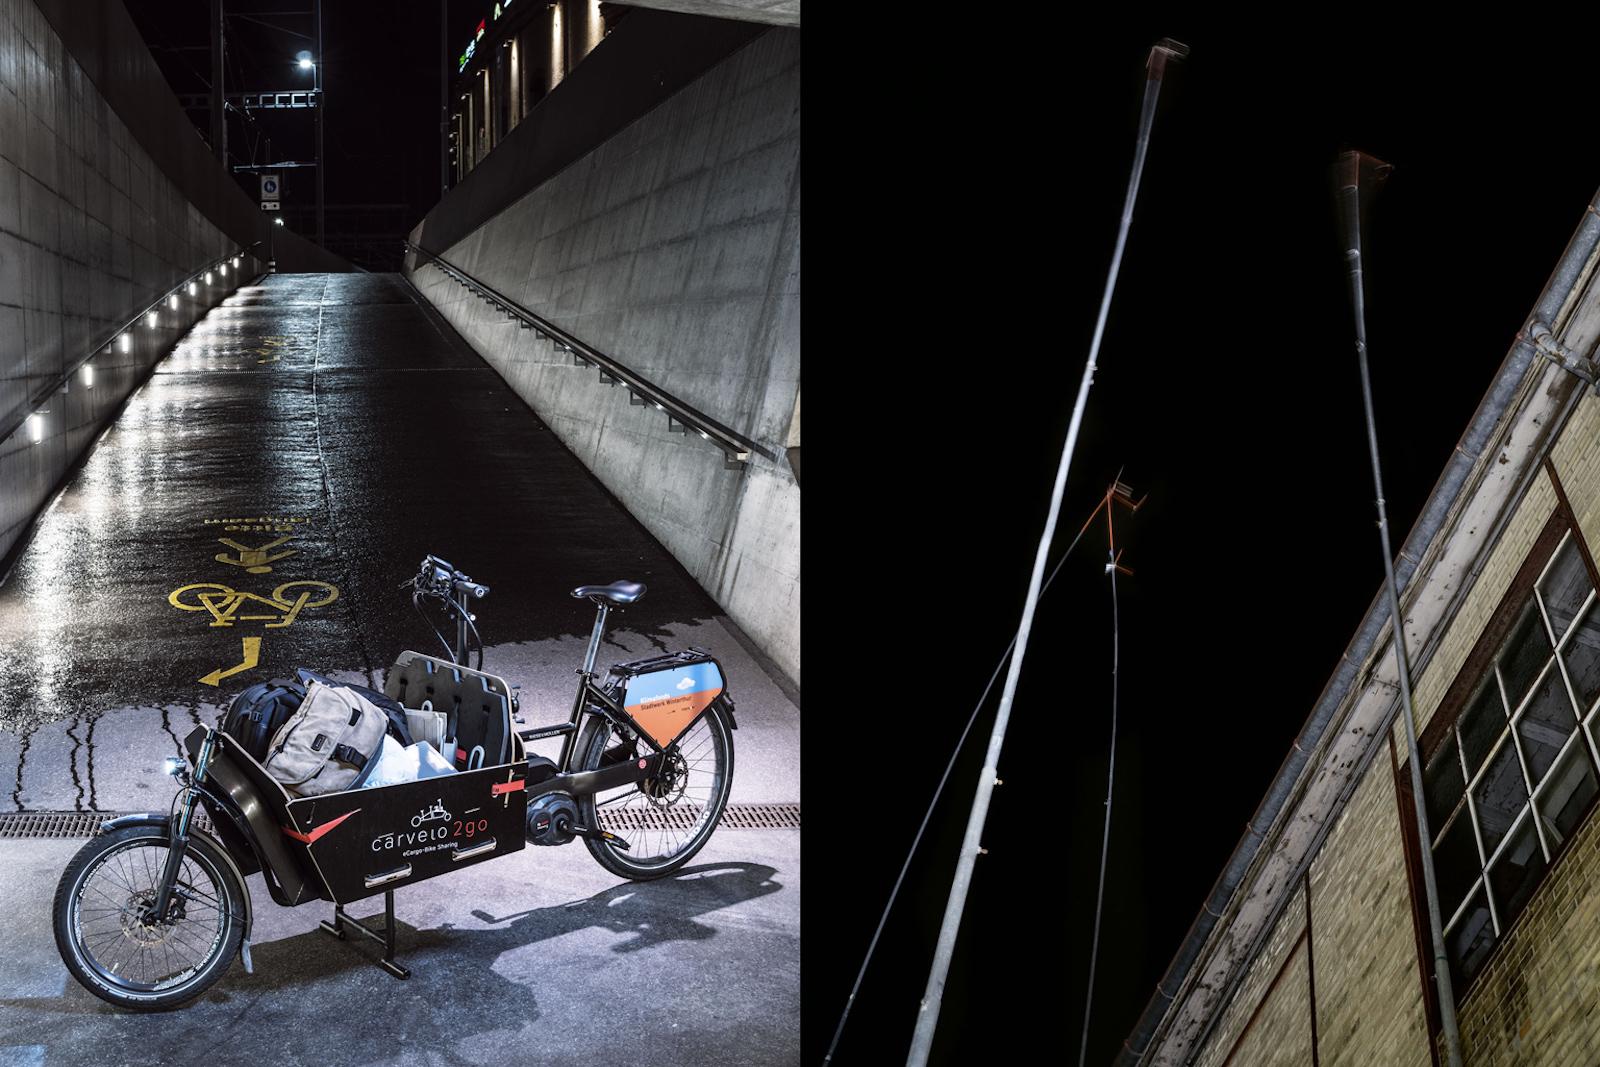 carvelo2go offre un servizio di condivisione di e-cargo bike a Winterthur e in altre città. L'offerta è simile a quella di Mobility Carsharing: si può noleggiare la bici-cargo elettrica («carvelo») a una tariffa oraria, ritirarla presso l'«host» più vicino e infine riconsegnarla (a sinistra). Le vecchie zone industriali vengono riconvertite. La sede di Winterthur dell'Università di scienze applicate di Zurigo (ZHAW), ad esempio, sorge in parte nell'ex area industriale della Sulzer. In un edificio in cui in passato si formavano gli apprendisti dell'industria meccanica ora si trova la biblioteca centrale di tutti i dipartimenti della ZHAW (a destra). (Robert Huber)